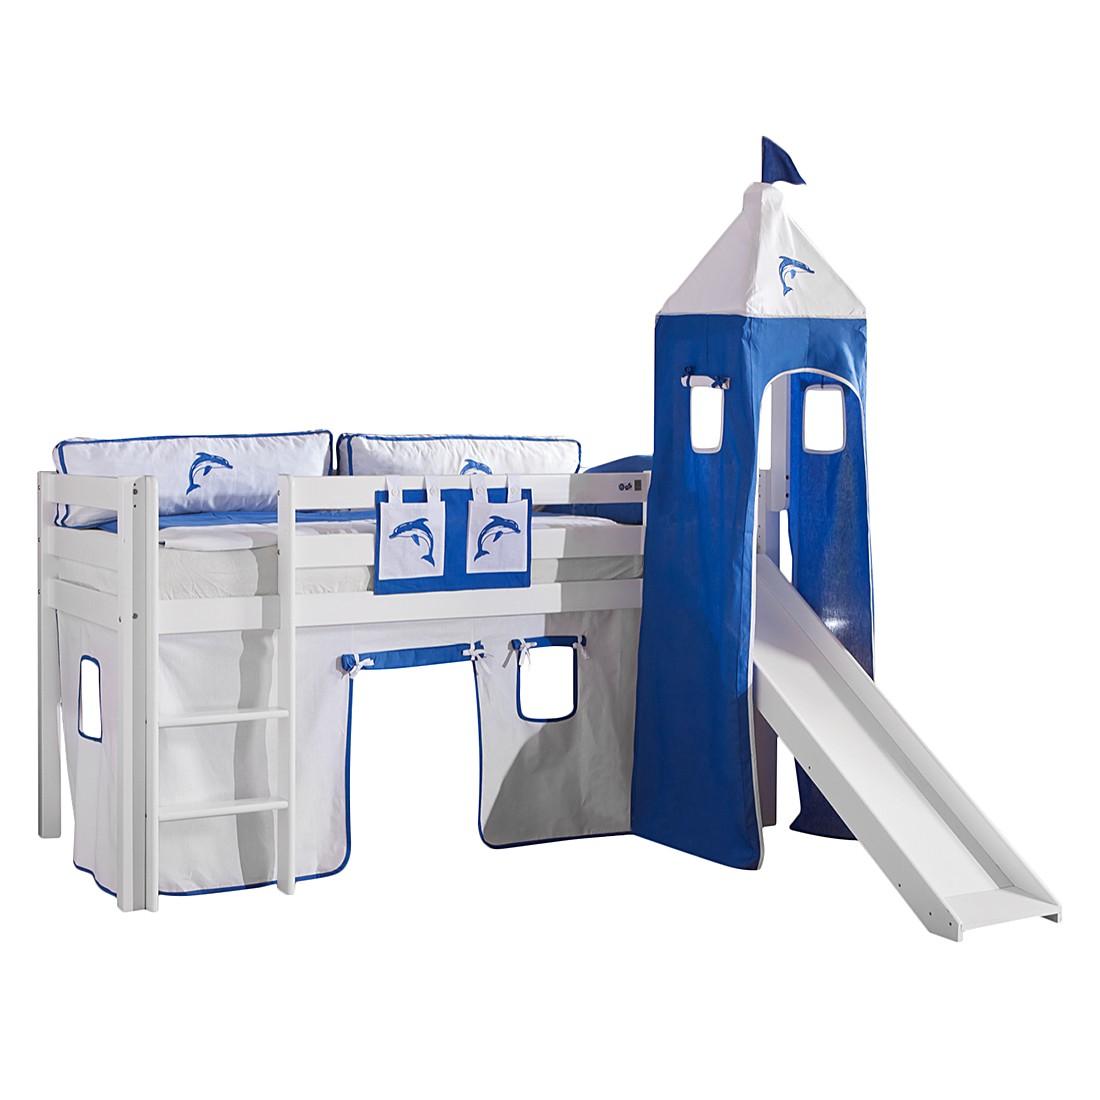 Spielbett Alex - mit Rutsche,Vorhang, Turm und Tasche - Buche weiß/Textil weiß-delfin, Relita